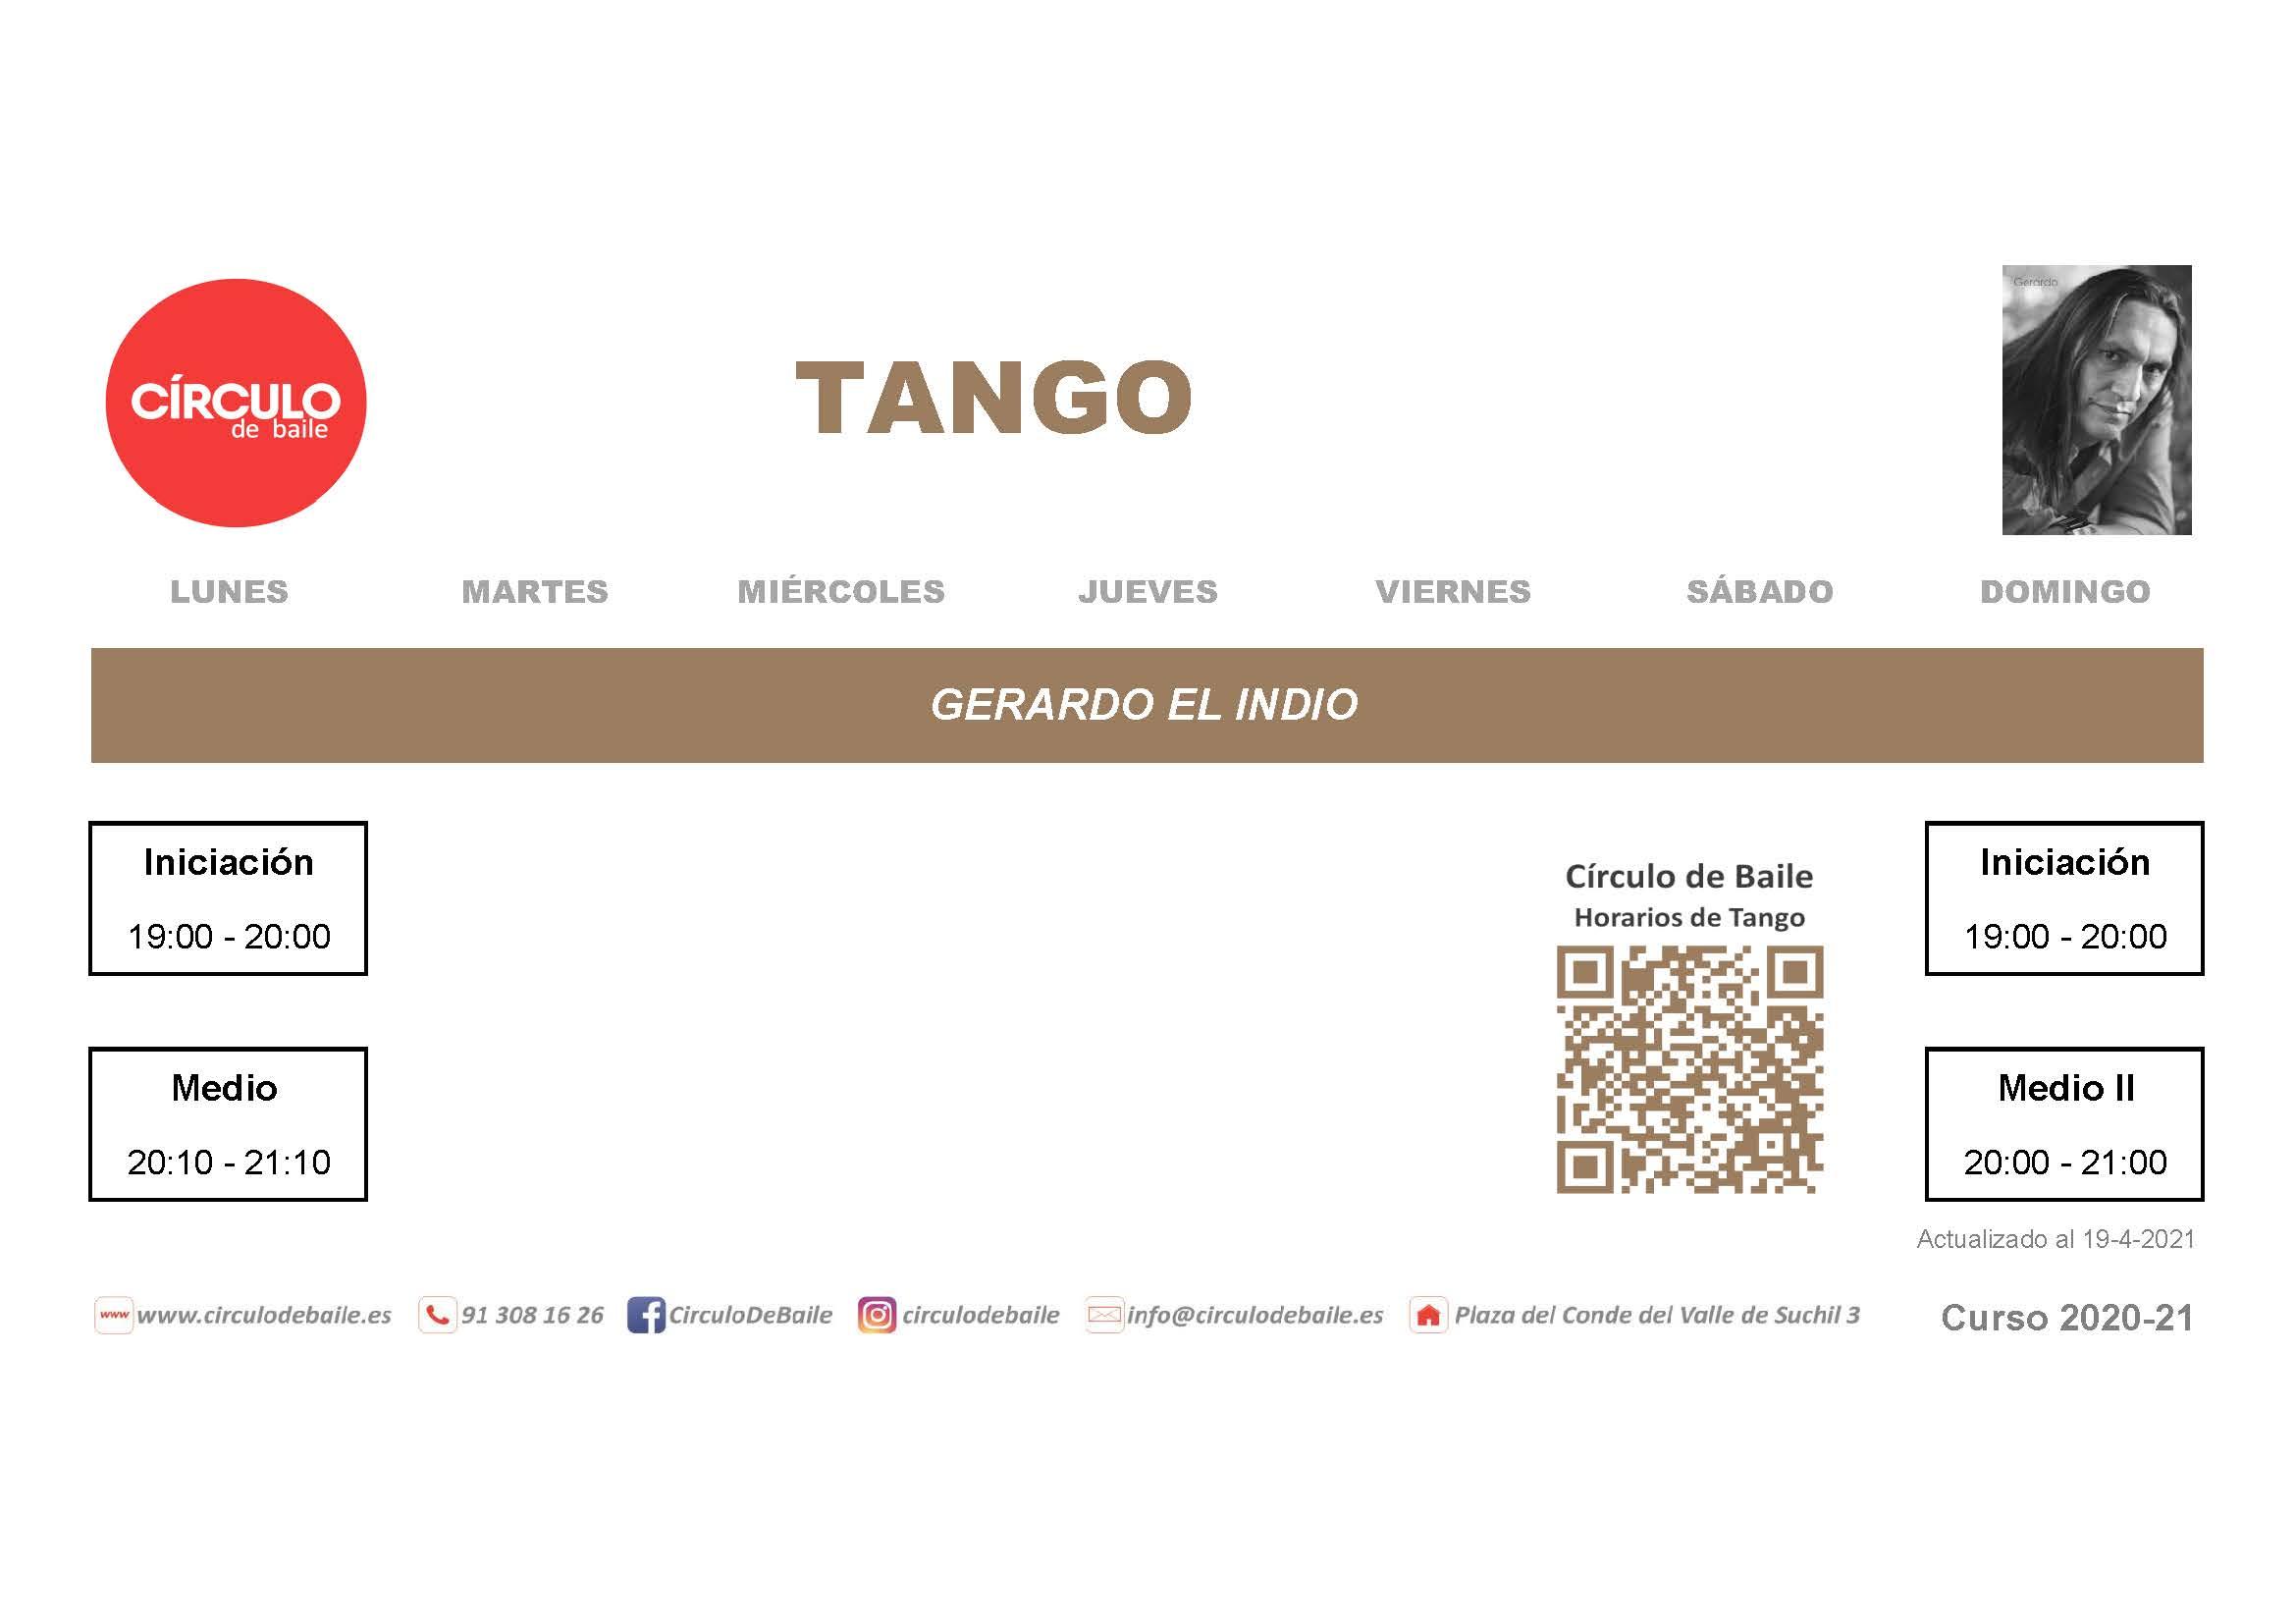 Horarios de Tango del curso 2020-21 en Circulo de Baile.